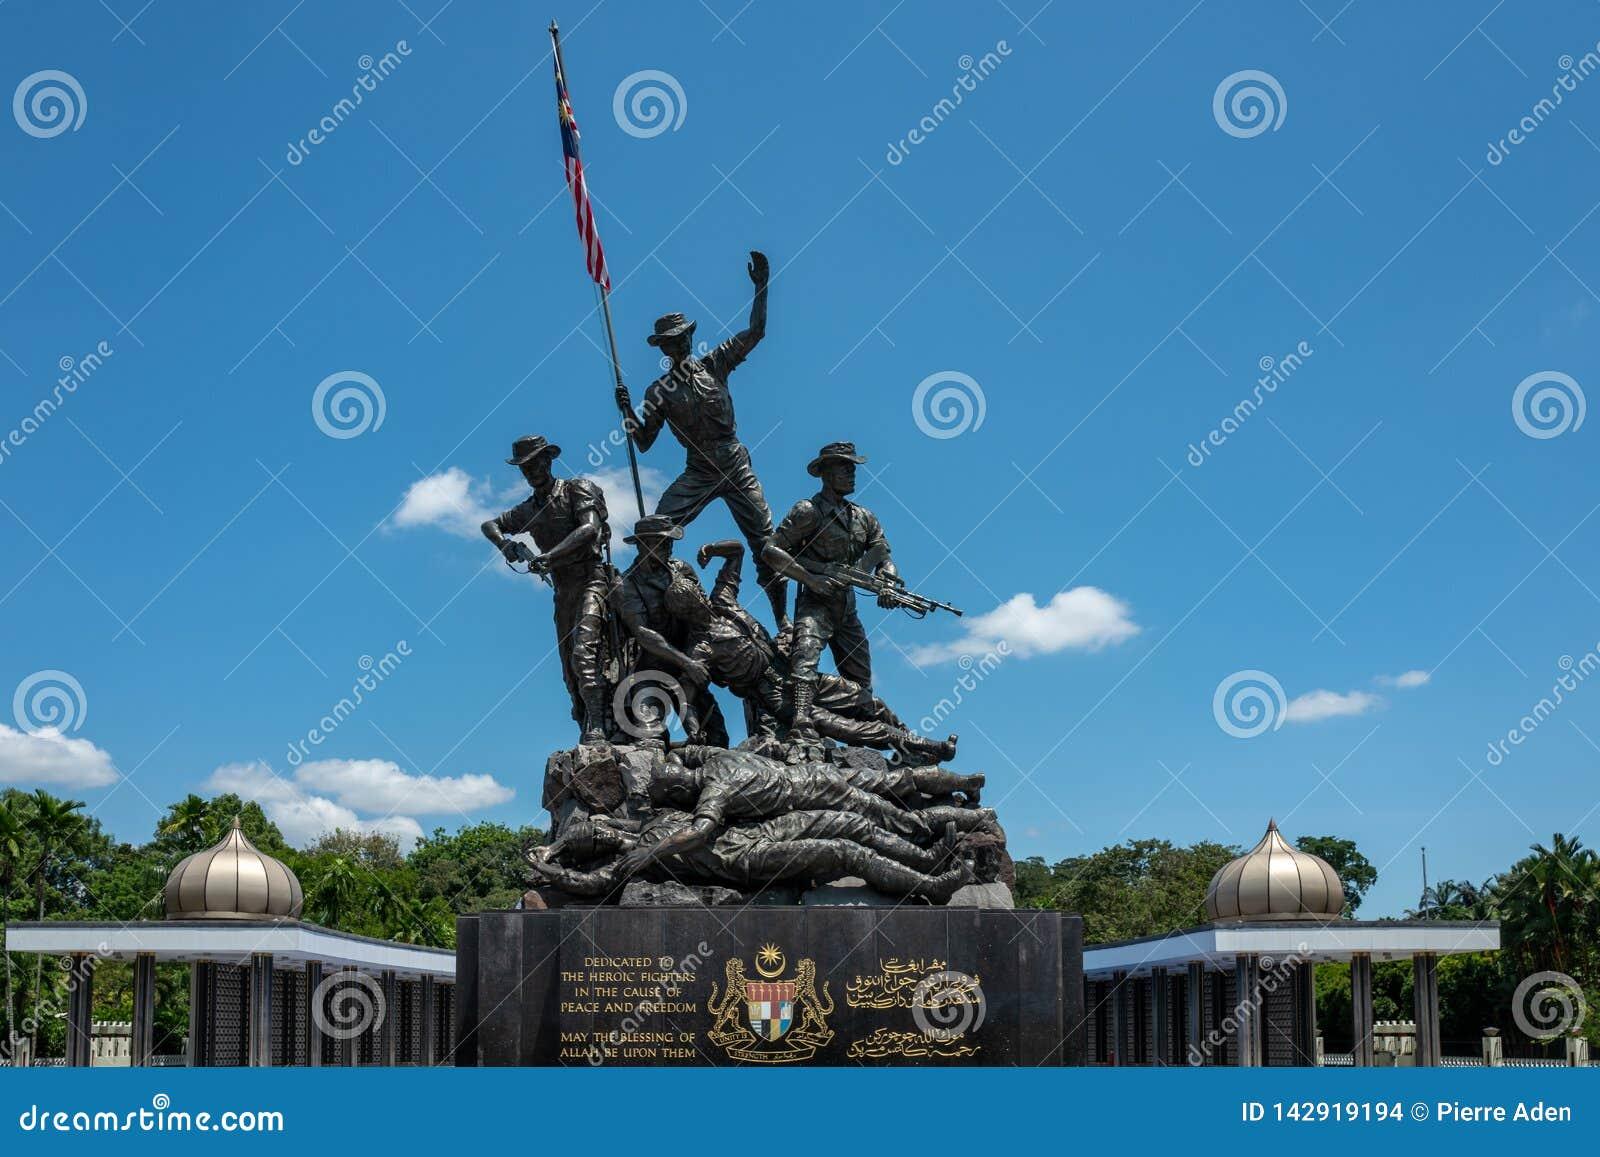 Κουάλα Λουμπούρ, Μαλαισία - 27 Φεβρουαρίου 2019: Το εθνικό μνημείο της Μαλαισίας 15 μέτρα προσδιορίζεται ως μεγαλύτερο